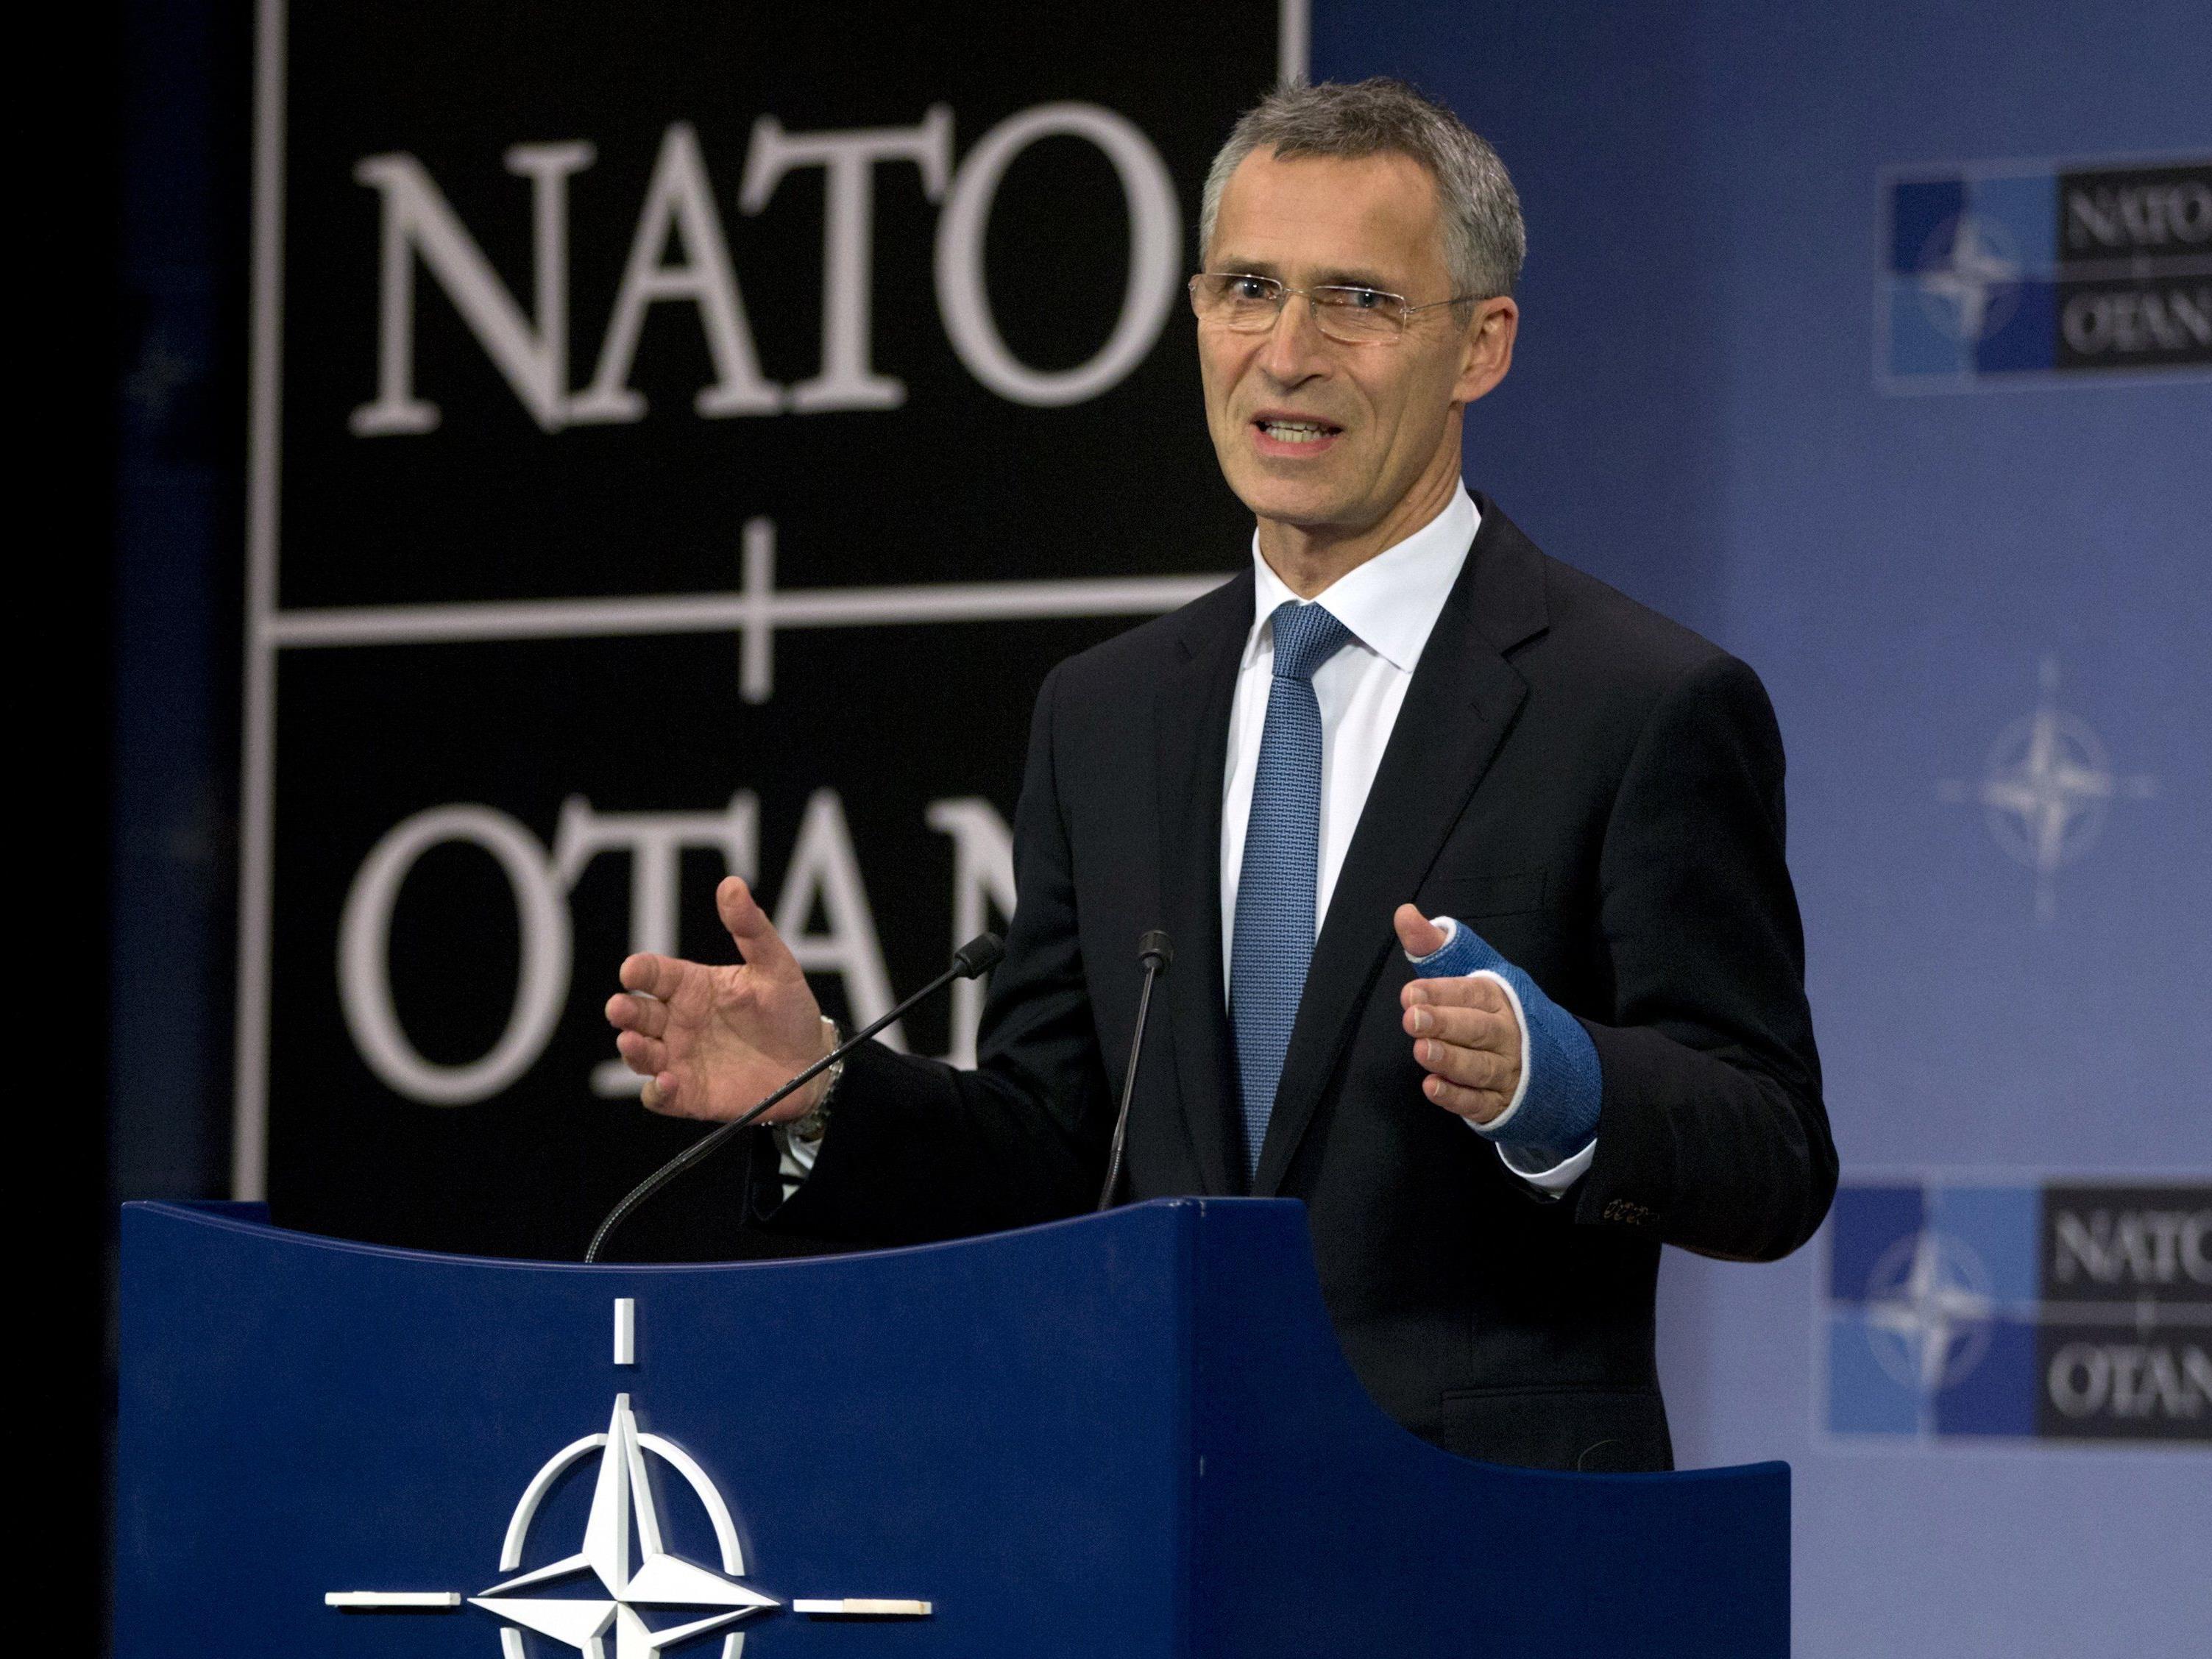 Die Nato-Außenminister berieten über die Einladung an Monetenegro, Nato-Generalsekretär Jens Stoltenberg sprach sie aus.